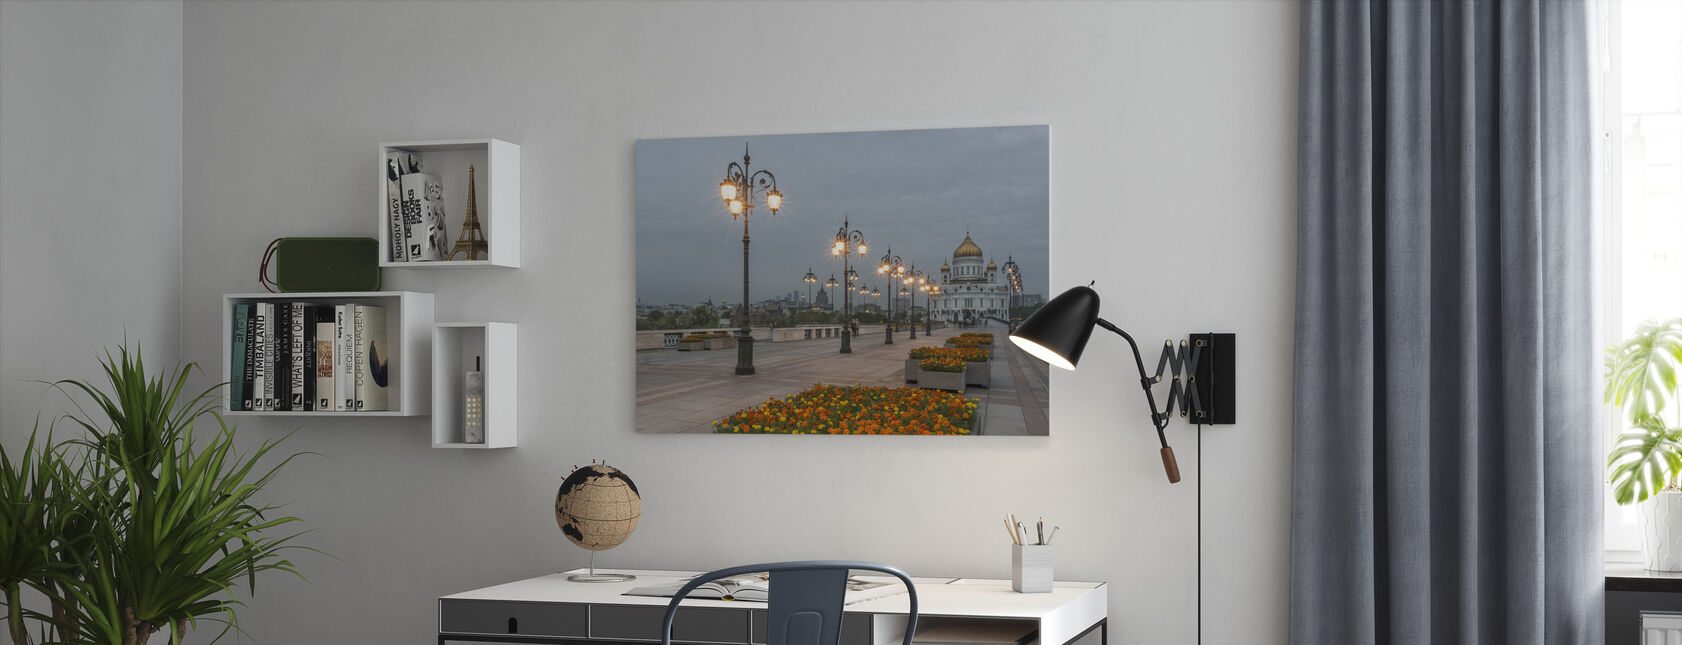 Verlichting naar Christus de Verlosser Kathedraal - Canvas print - Kantoor